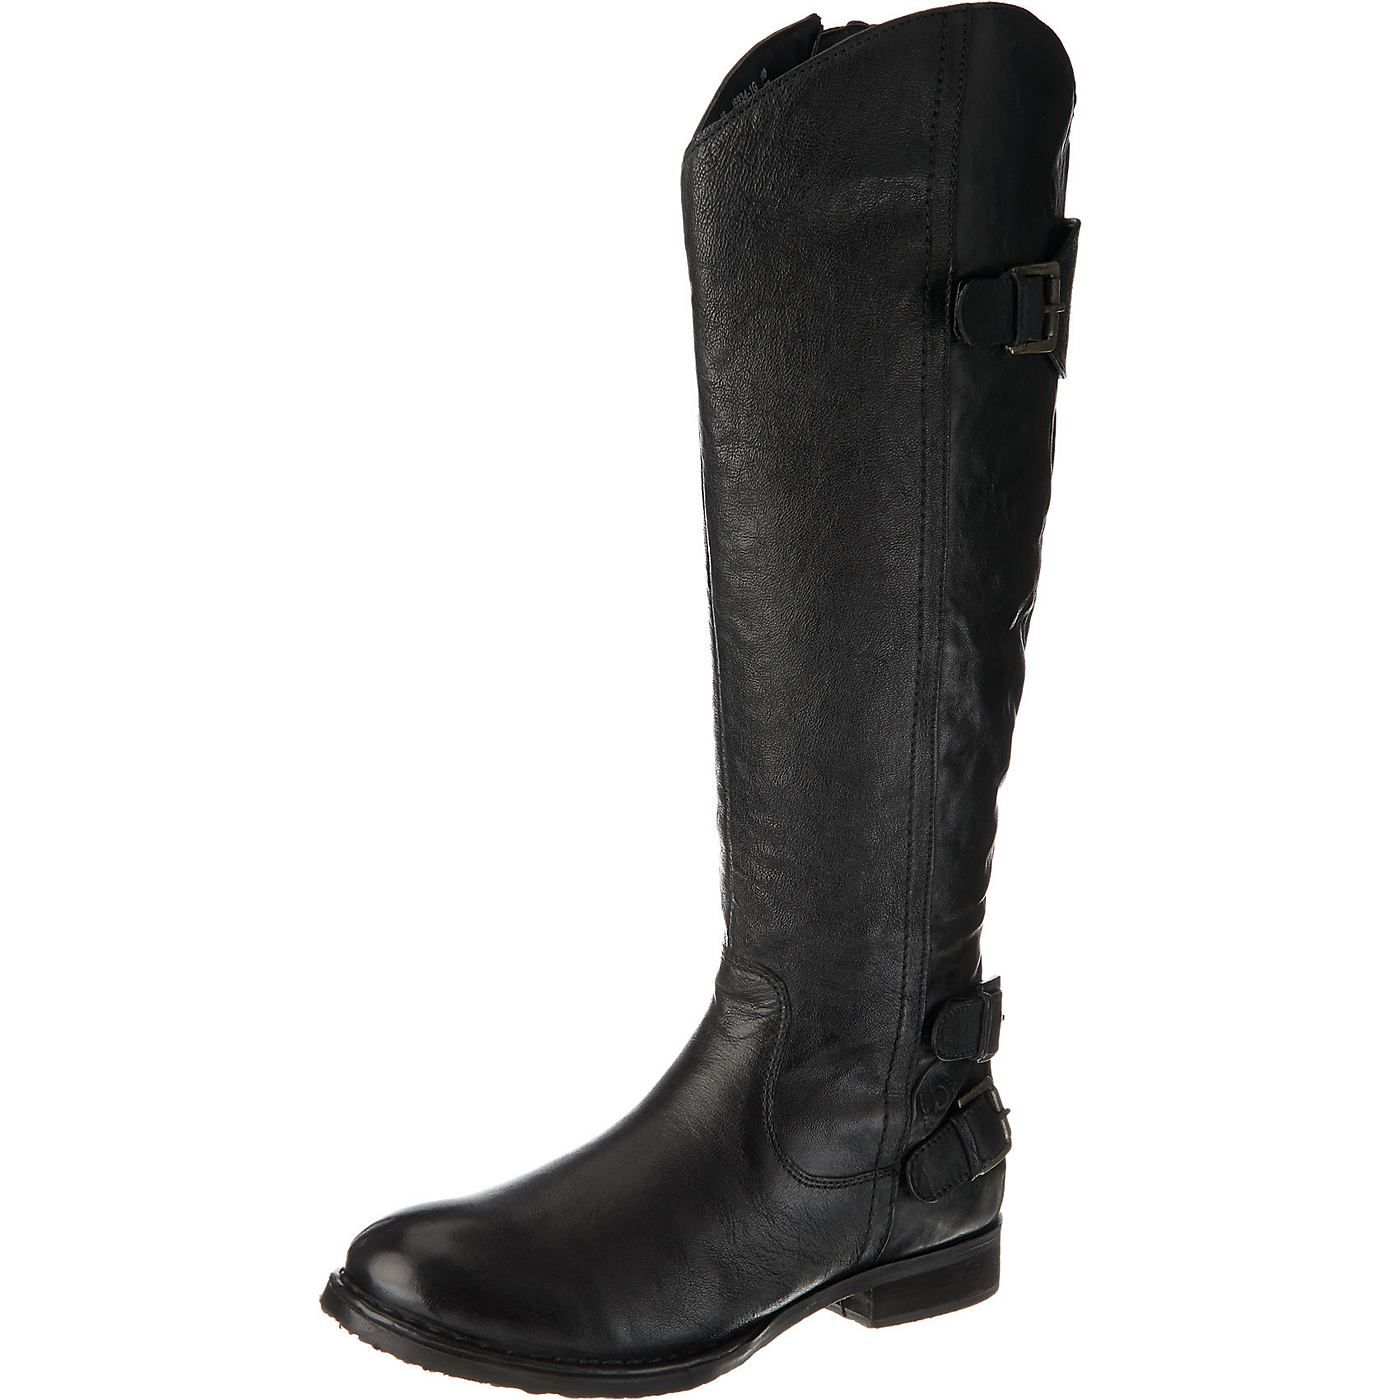 Schlicht schöne bugatti Stiefel für die kalte Jahreszeit. Das griffige Obermaterial besteht aus Echtleder, das natürlich genarbt ist.  - Verschluss: Reißverschluss - innen warm gefüttert - Schafthöhe: 40 cm (gemessen an Gr. 37) - Schaftweite: 40 cm (gemessen an Gr. 37) - Absatzart: Block - Absatzhöhe: 2,5 cm  Obermaterial: Leder (Nappaleder) Futter: Textil Decksohle: Textil Laufsohle: Sonstiges...